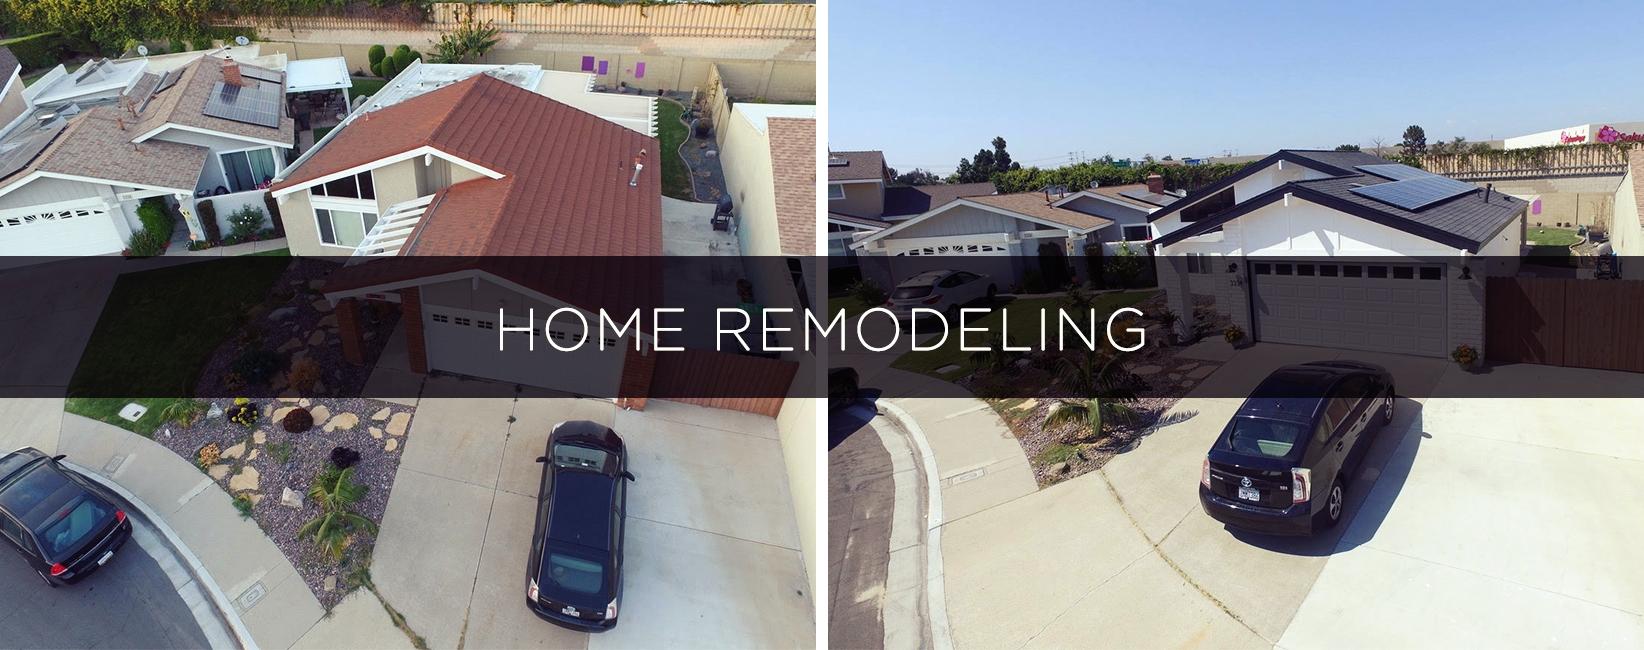 BLS_Home_Remodeling.jpg